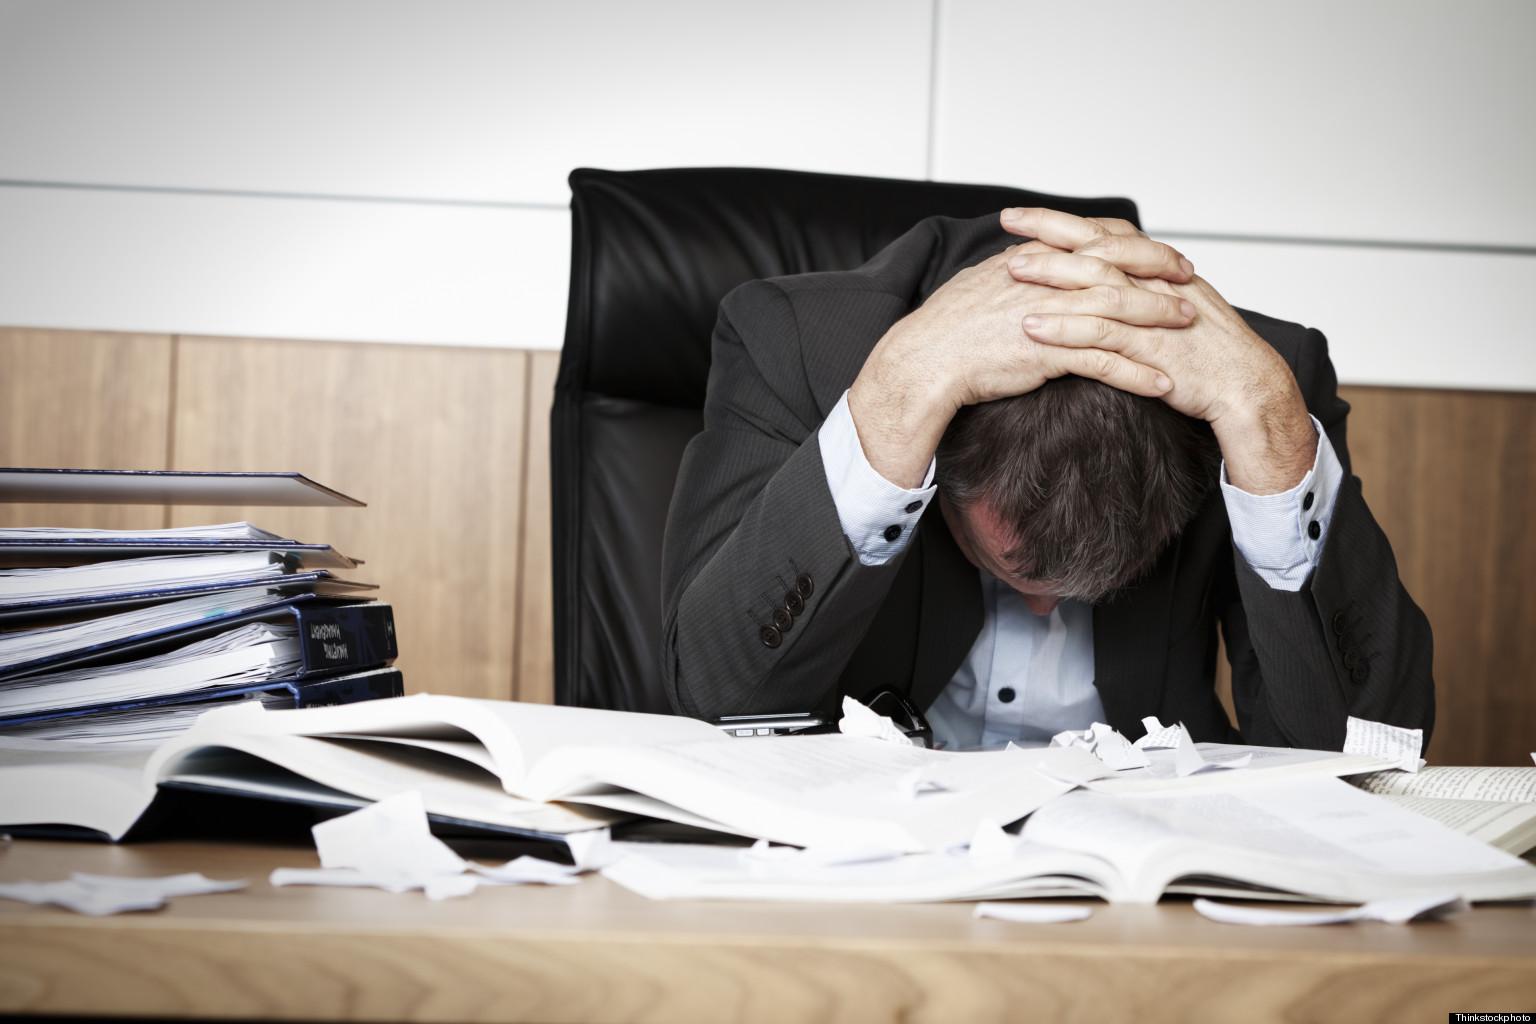 Crisi economica per pagare le tasse? Ecco un consiglio per superare le difficoltà economiche